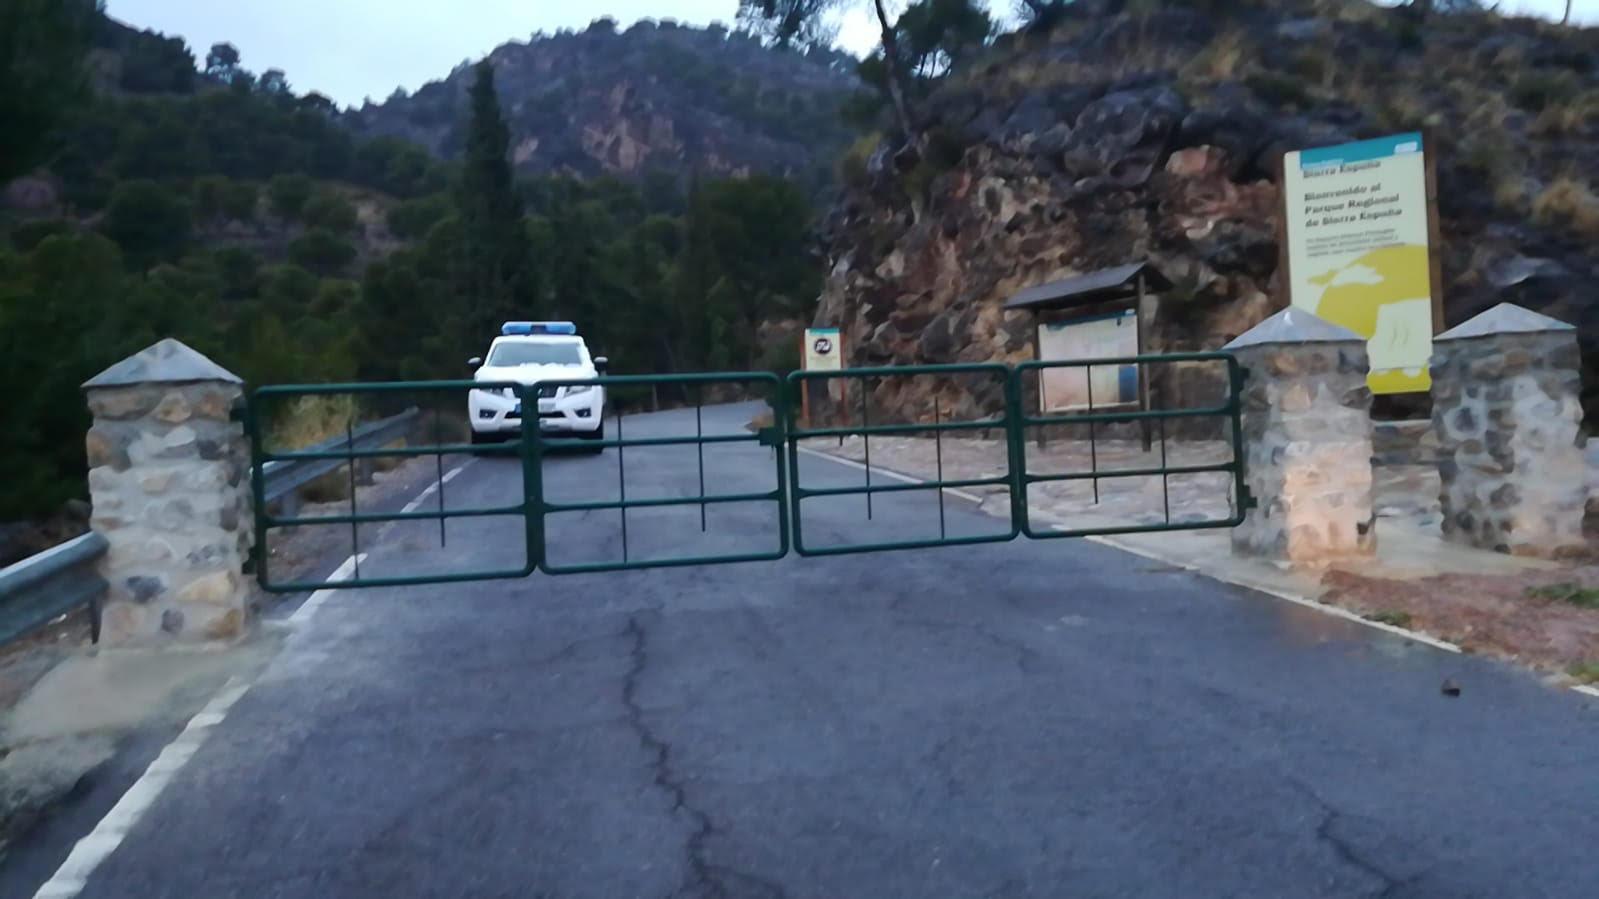 Acceso al PR de Sierra Espuña. Imagen: CARM